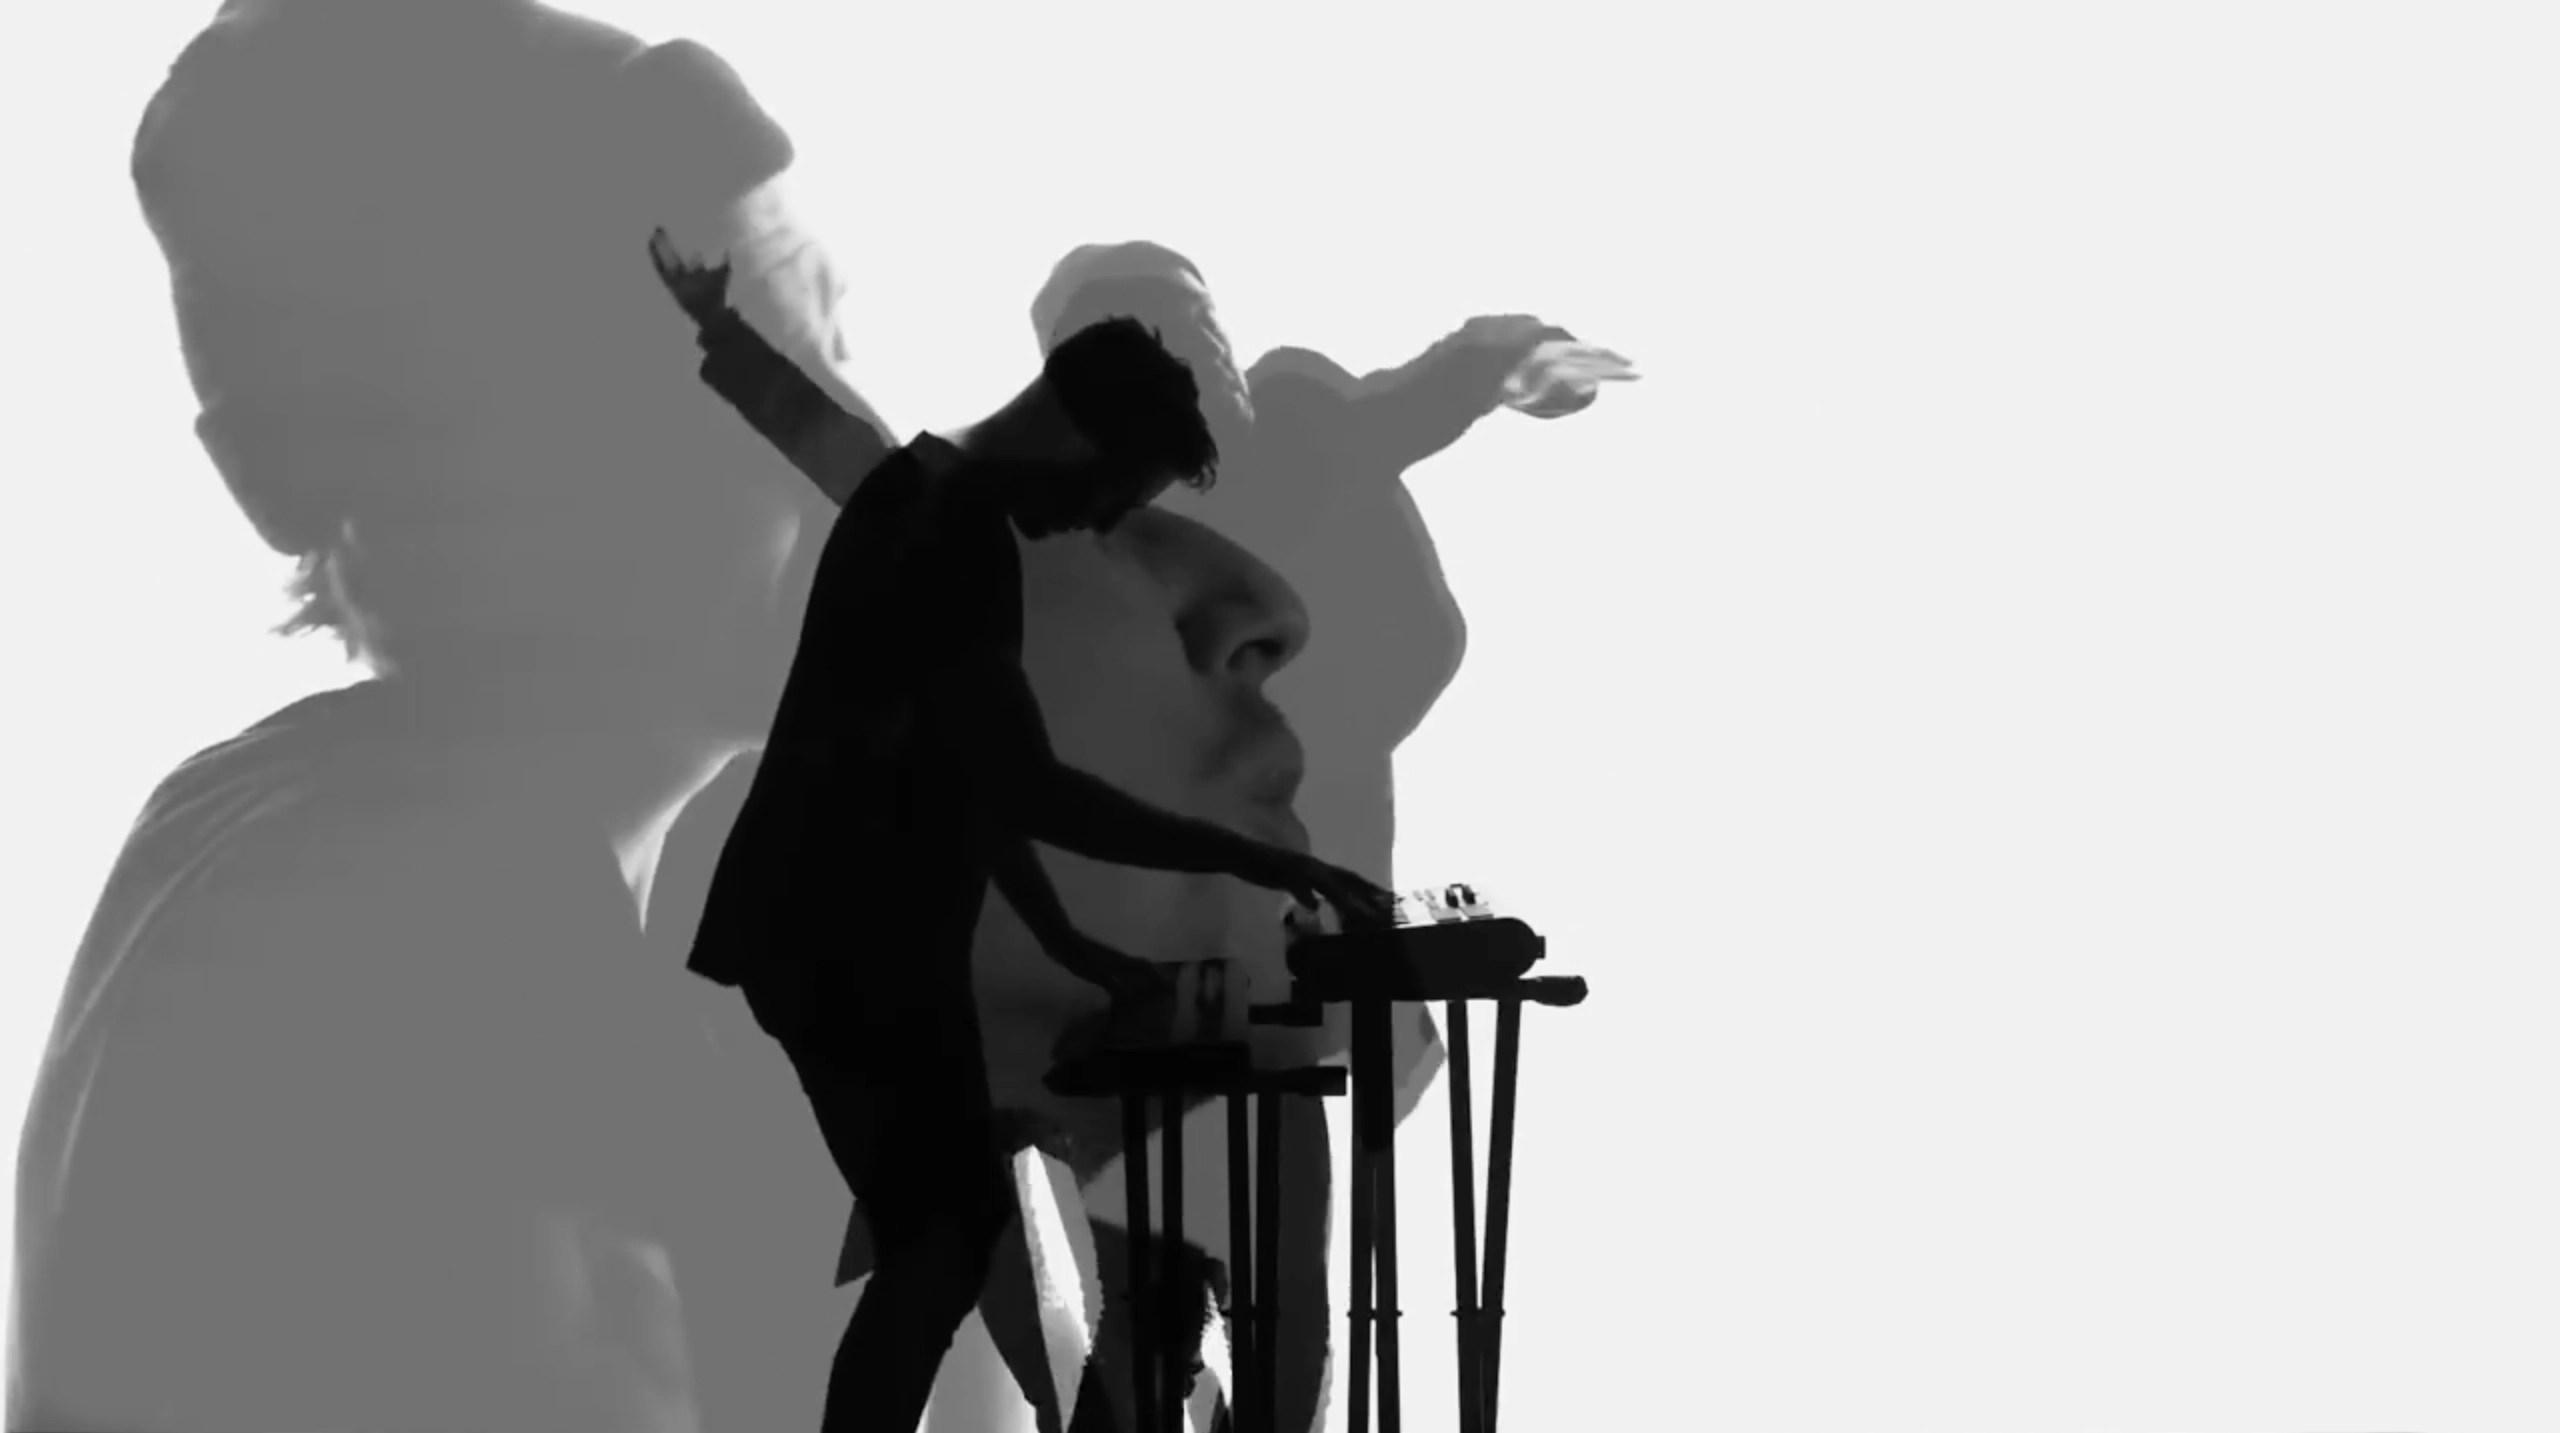 YOKKO Musikvideo für Circle by Werbeagentur Bern - Blitz & Donner